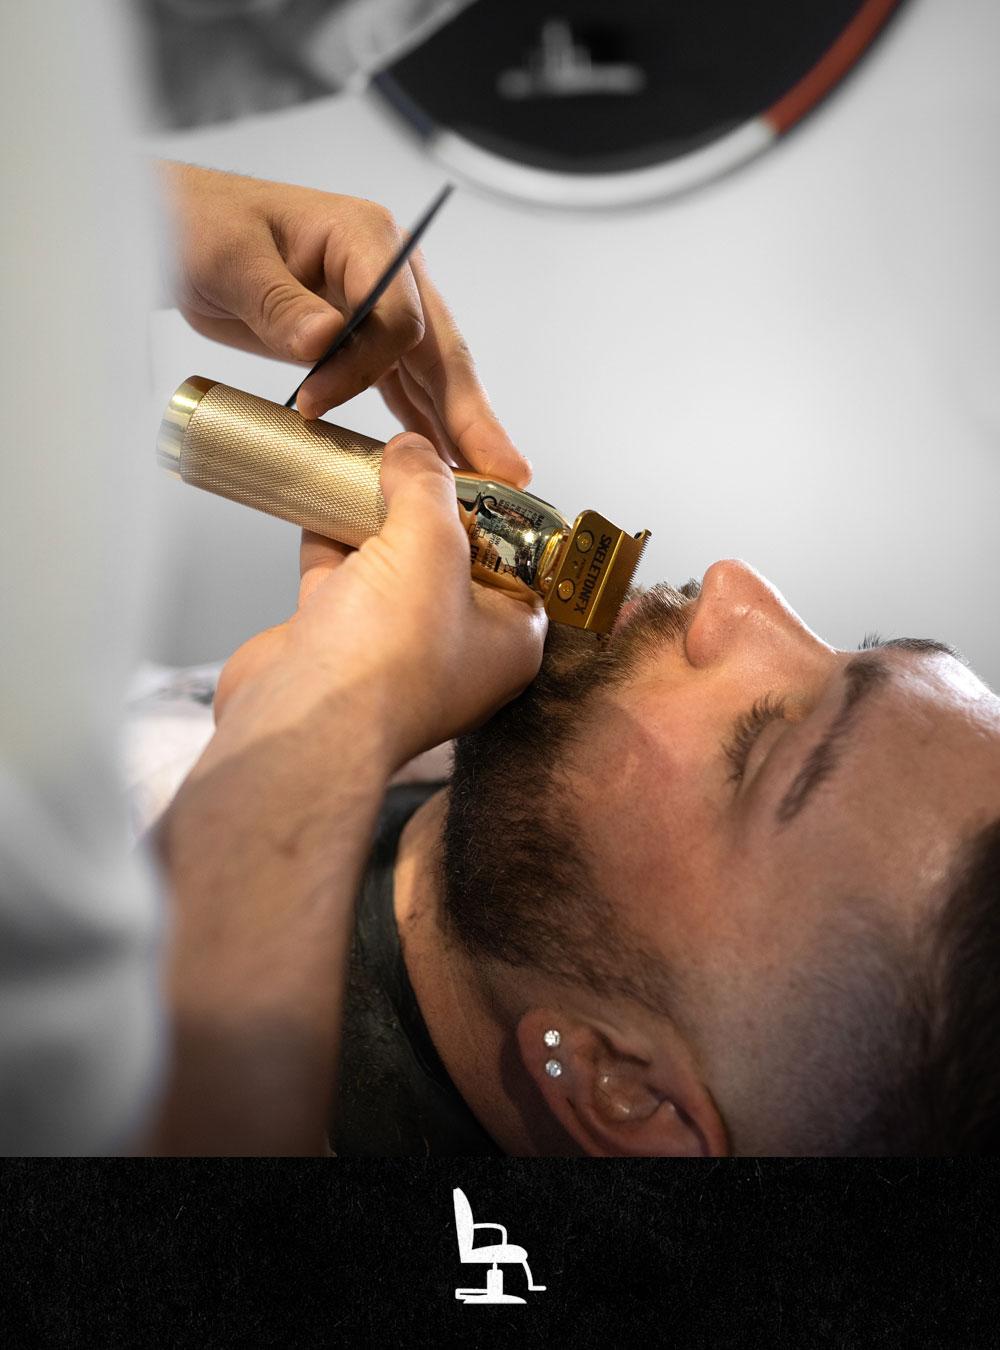 Barber shop à Saint-André sur Orne